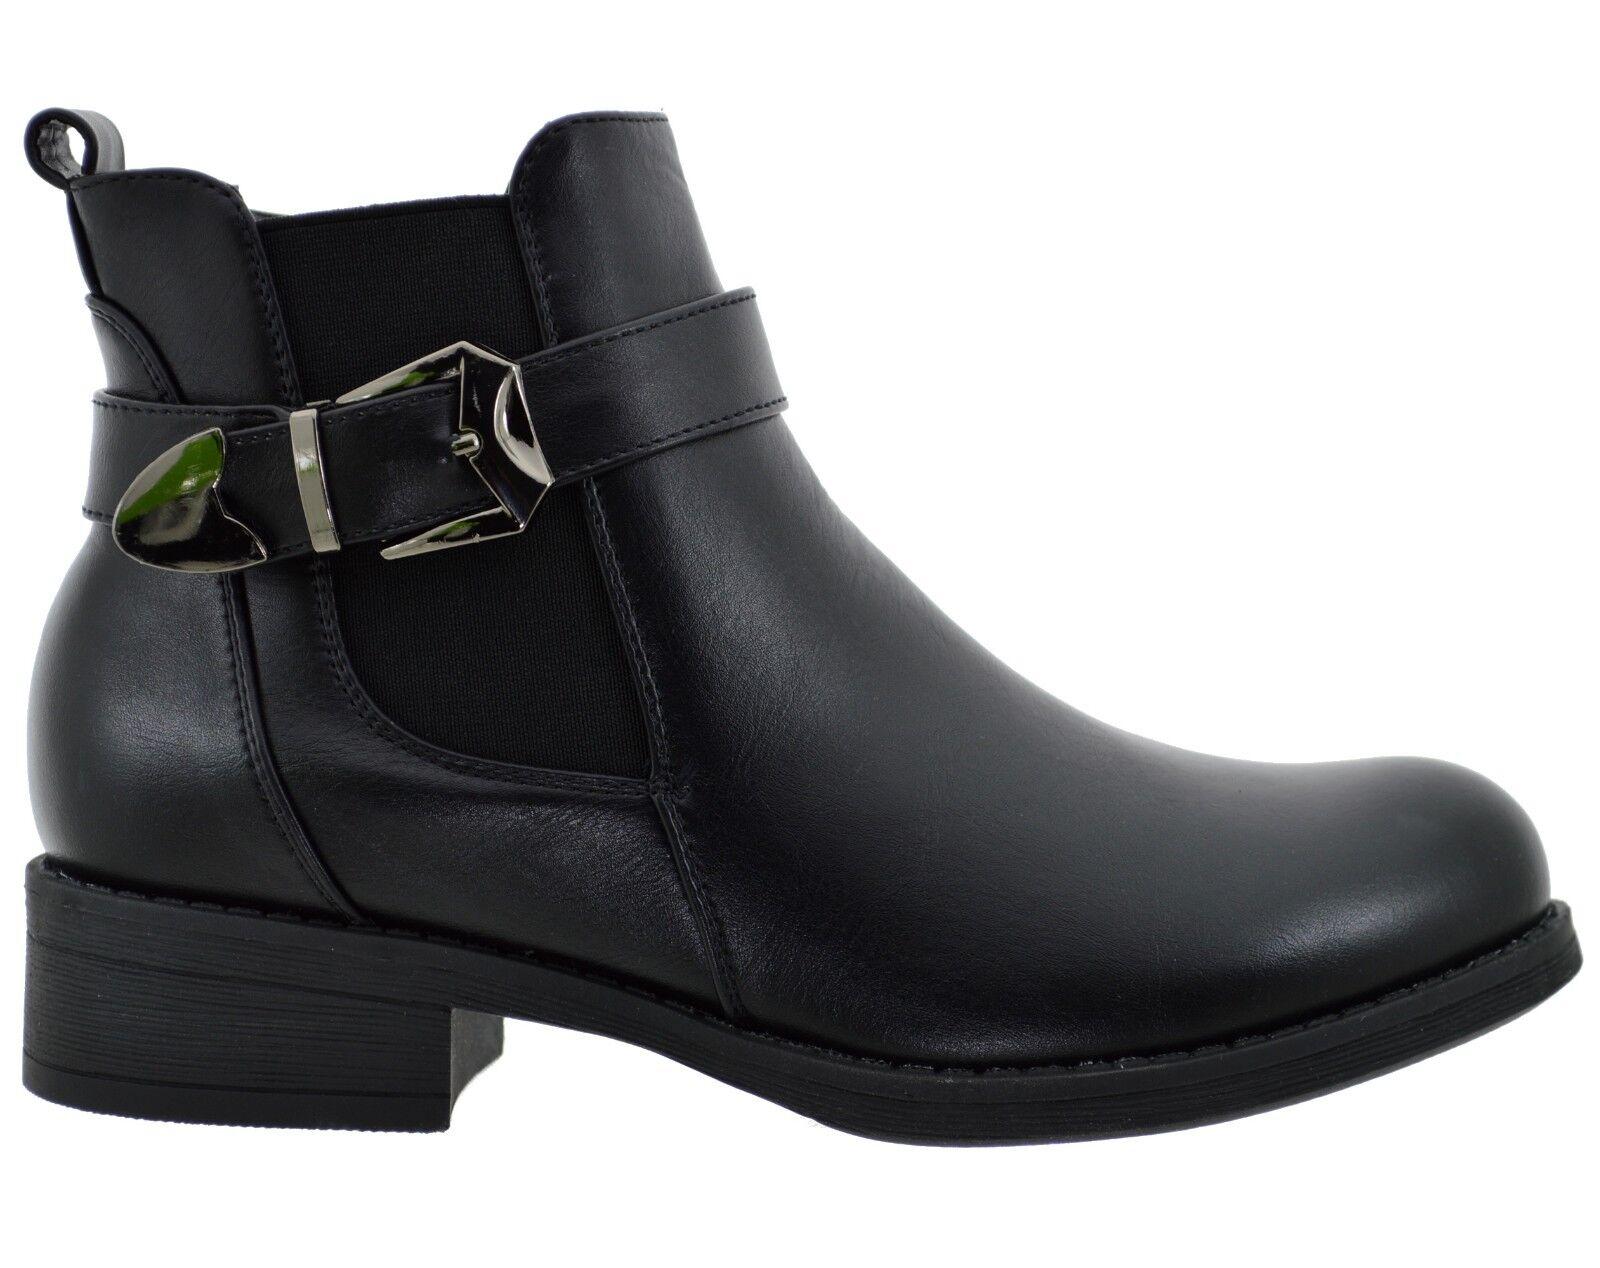 693746b8978297 Tronchetti neri con elastici stivaletti con le fibbie scarpe donna stivali  scuri